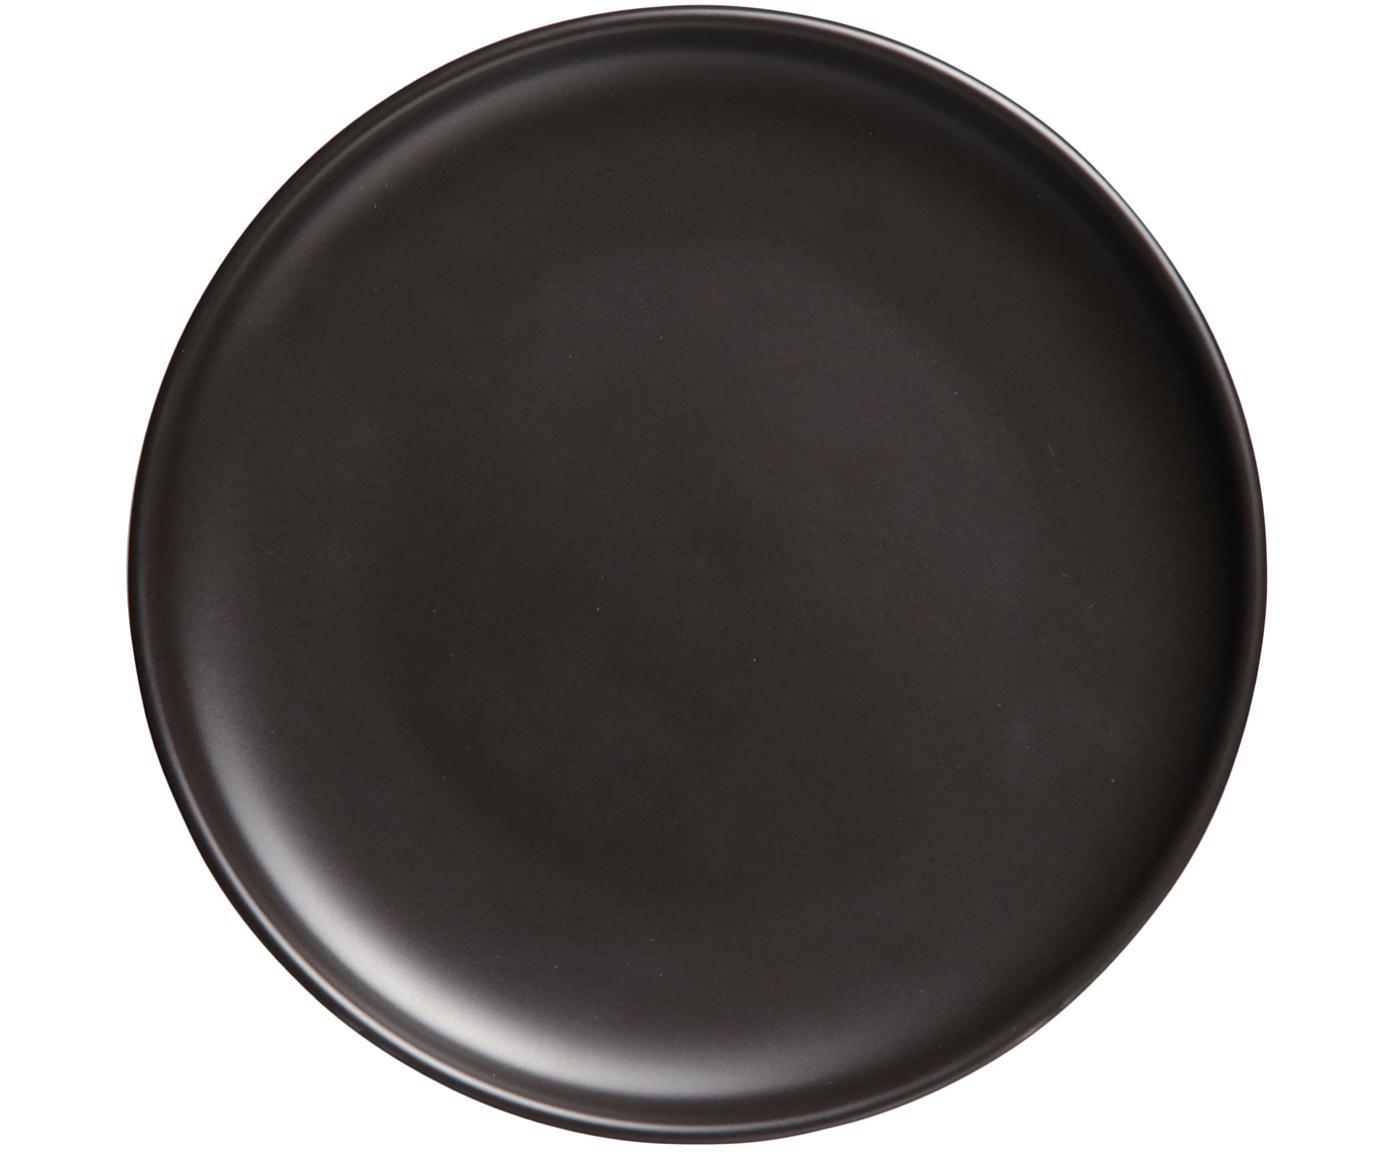 Talerz duży Okinawa, 4 szt., Ceramika, Czarny, matowy, Ø 27 cm